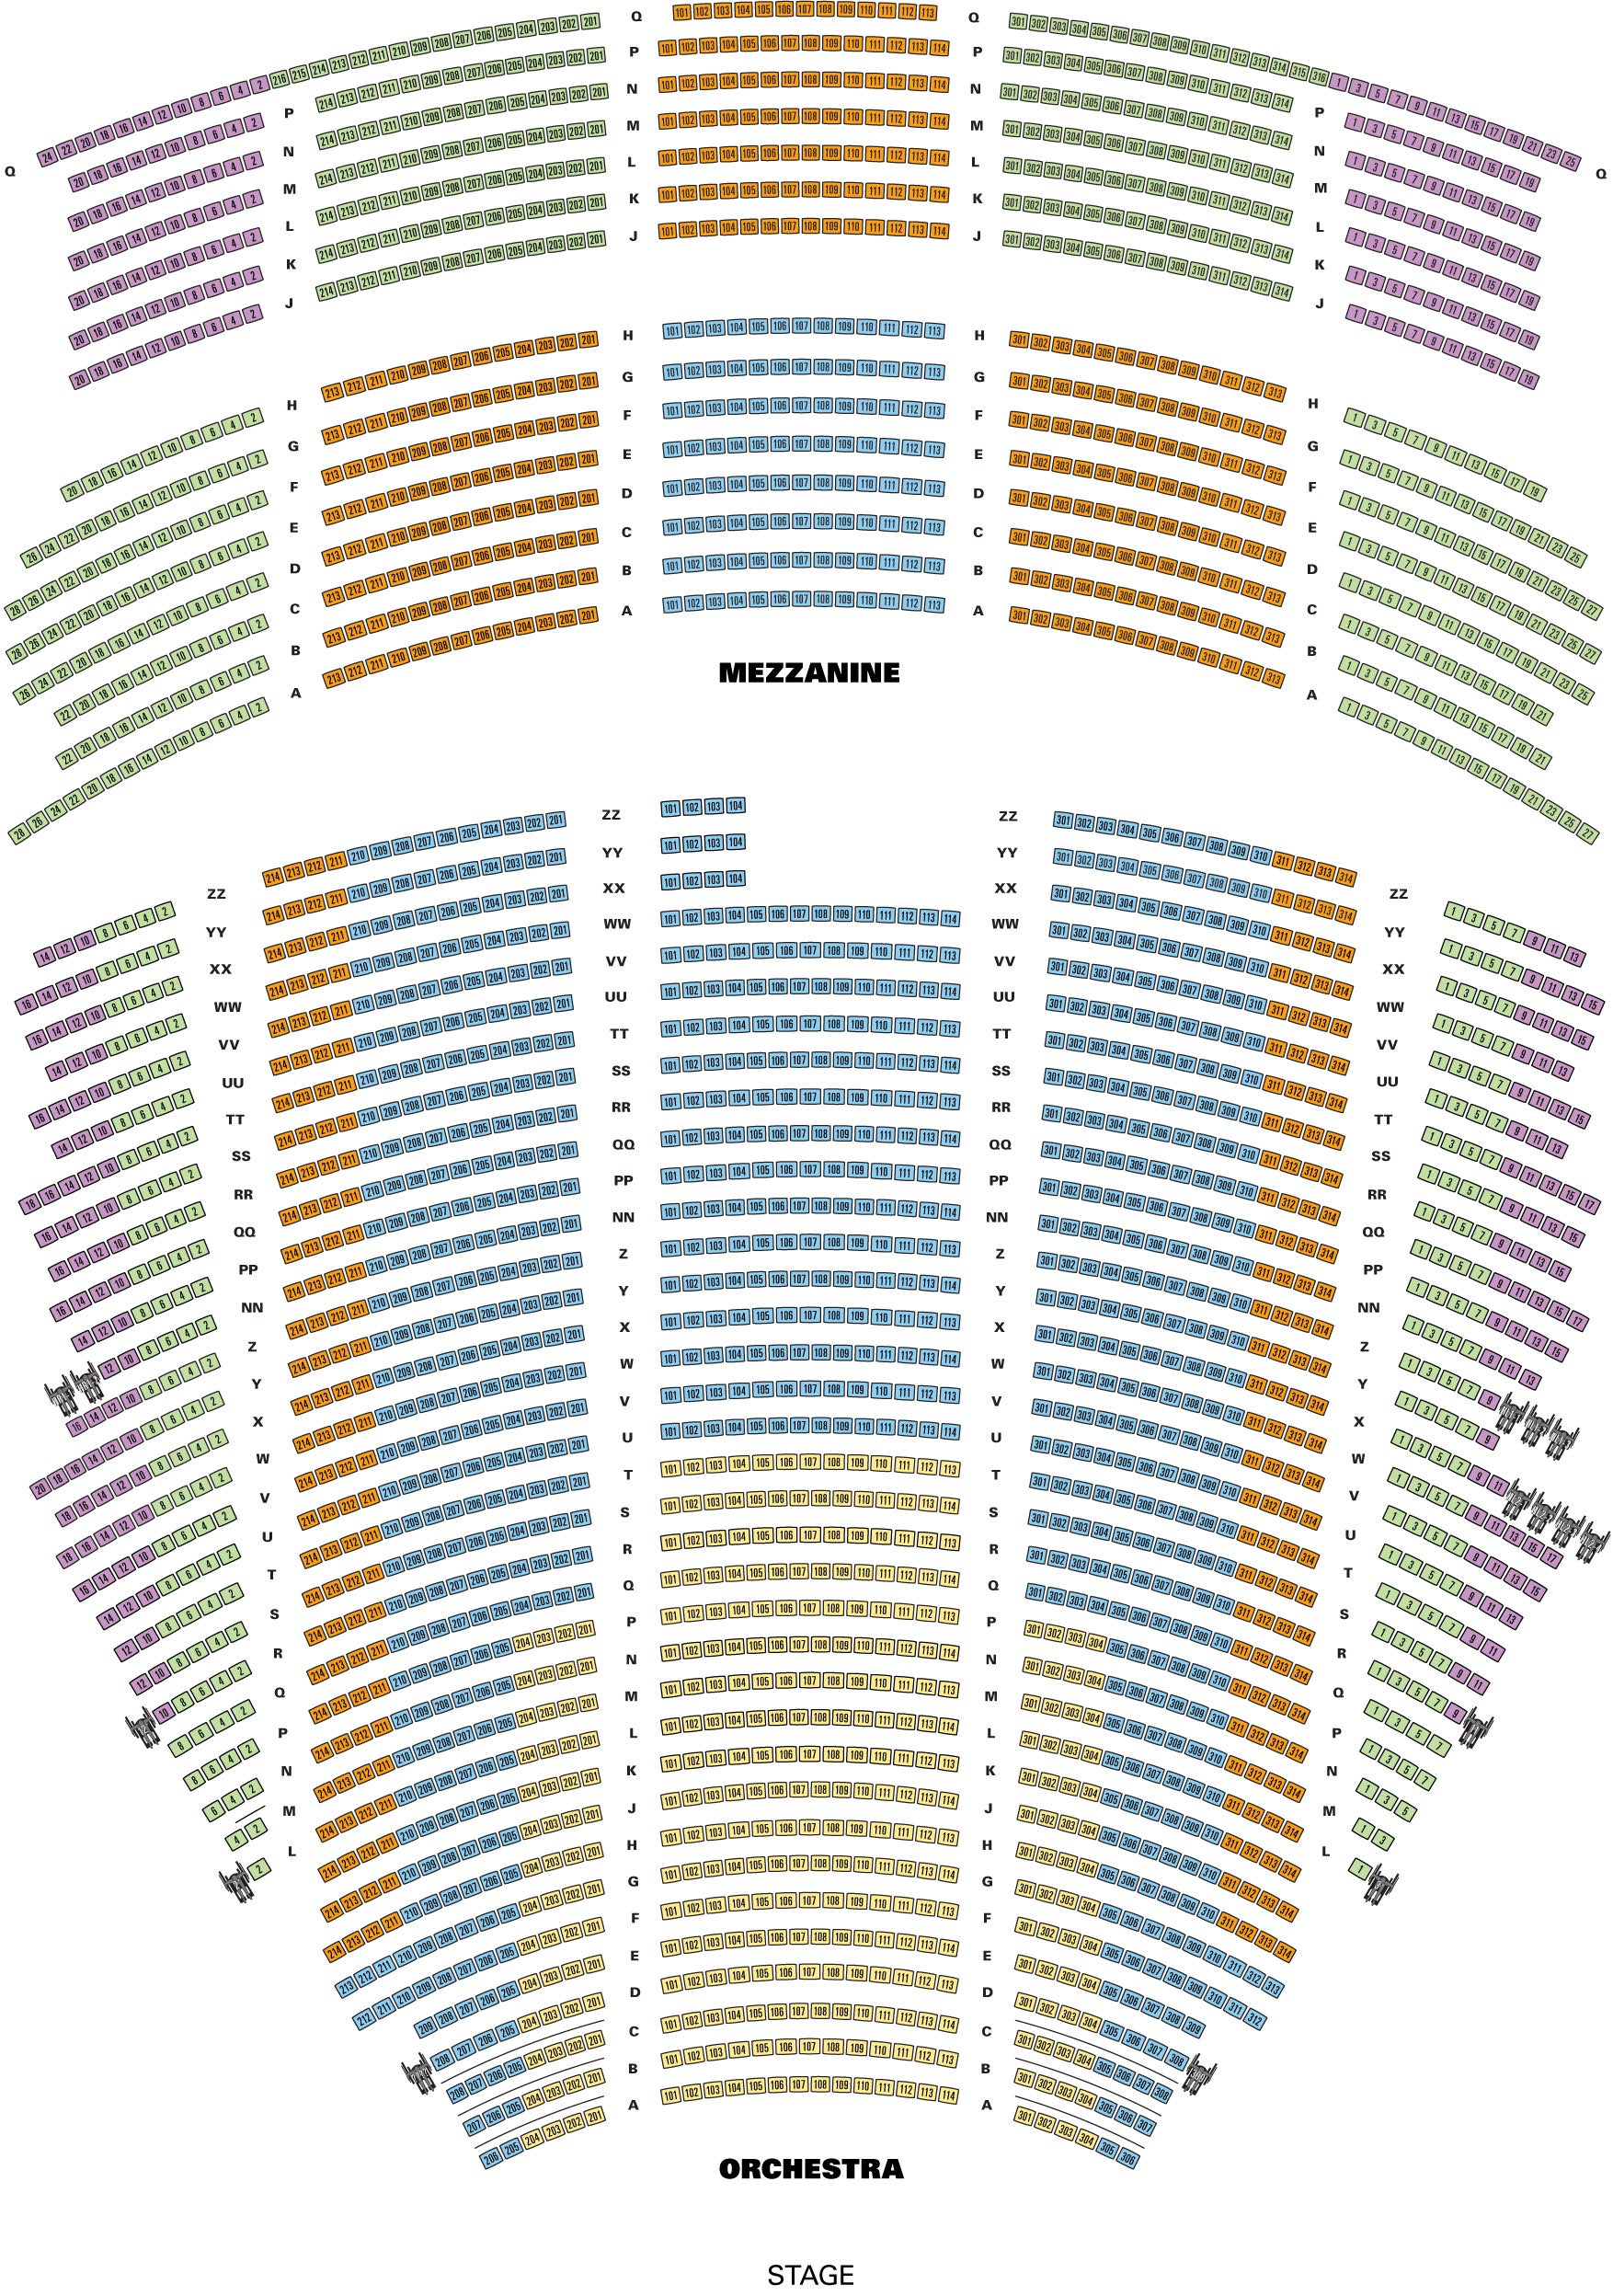 Pantages Seating Chart Yatan Vtngcf Org